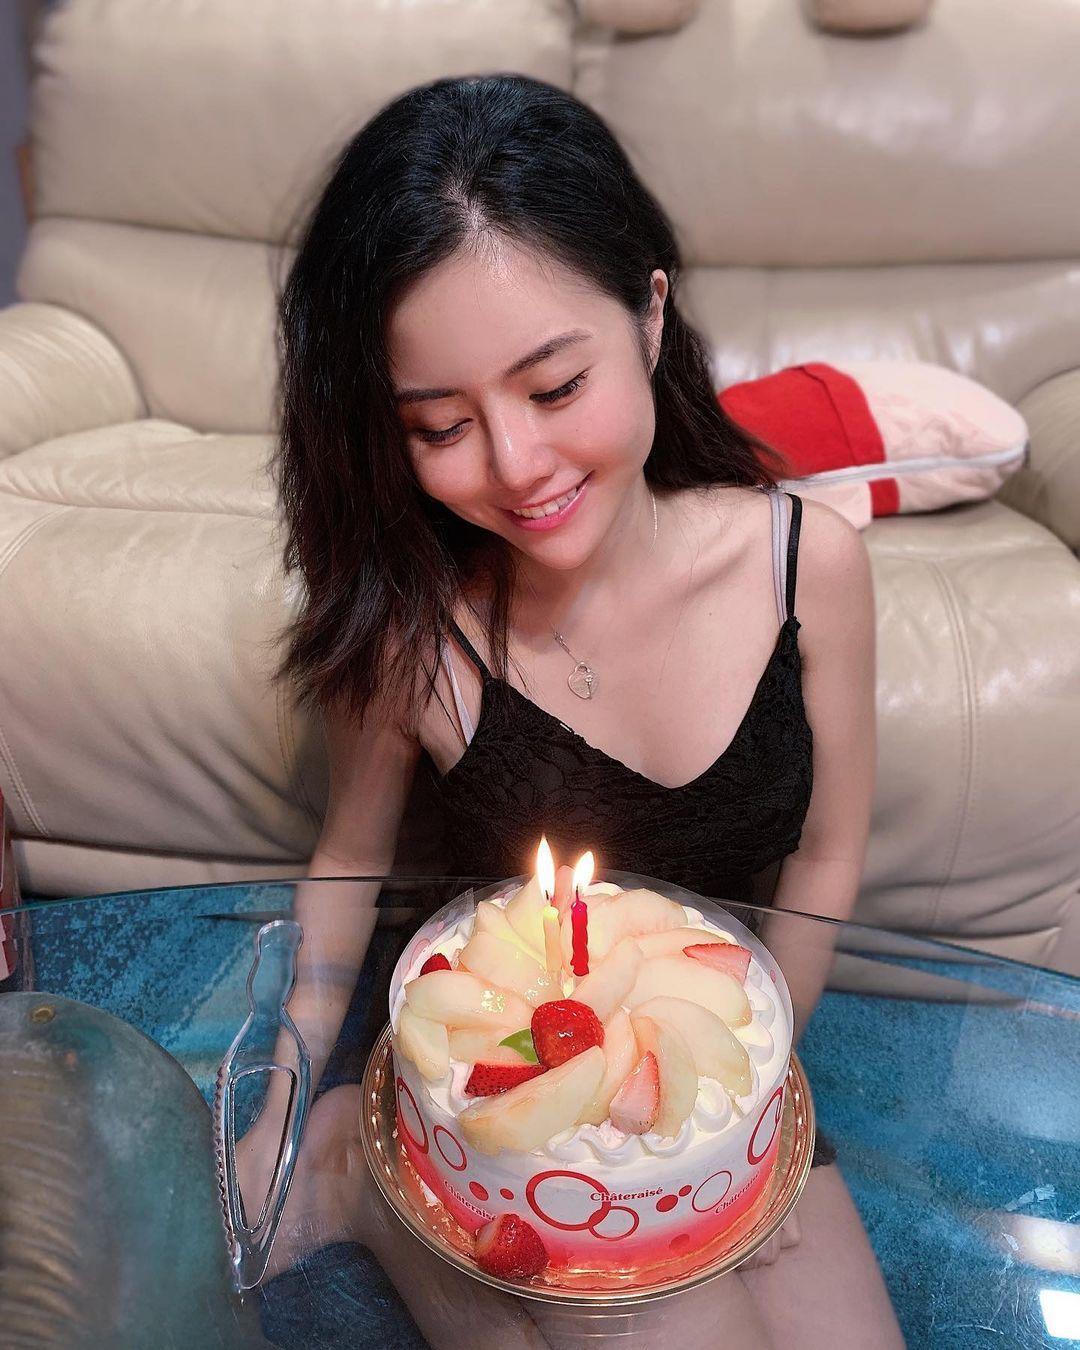 年仅18岁的新加坡美女主播Kiaara Kitty一脸清纯 吃瓜基地 第3张